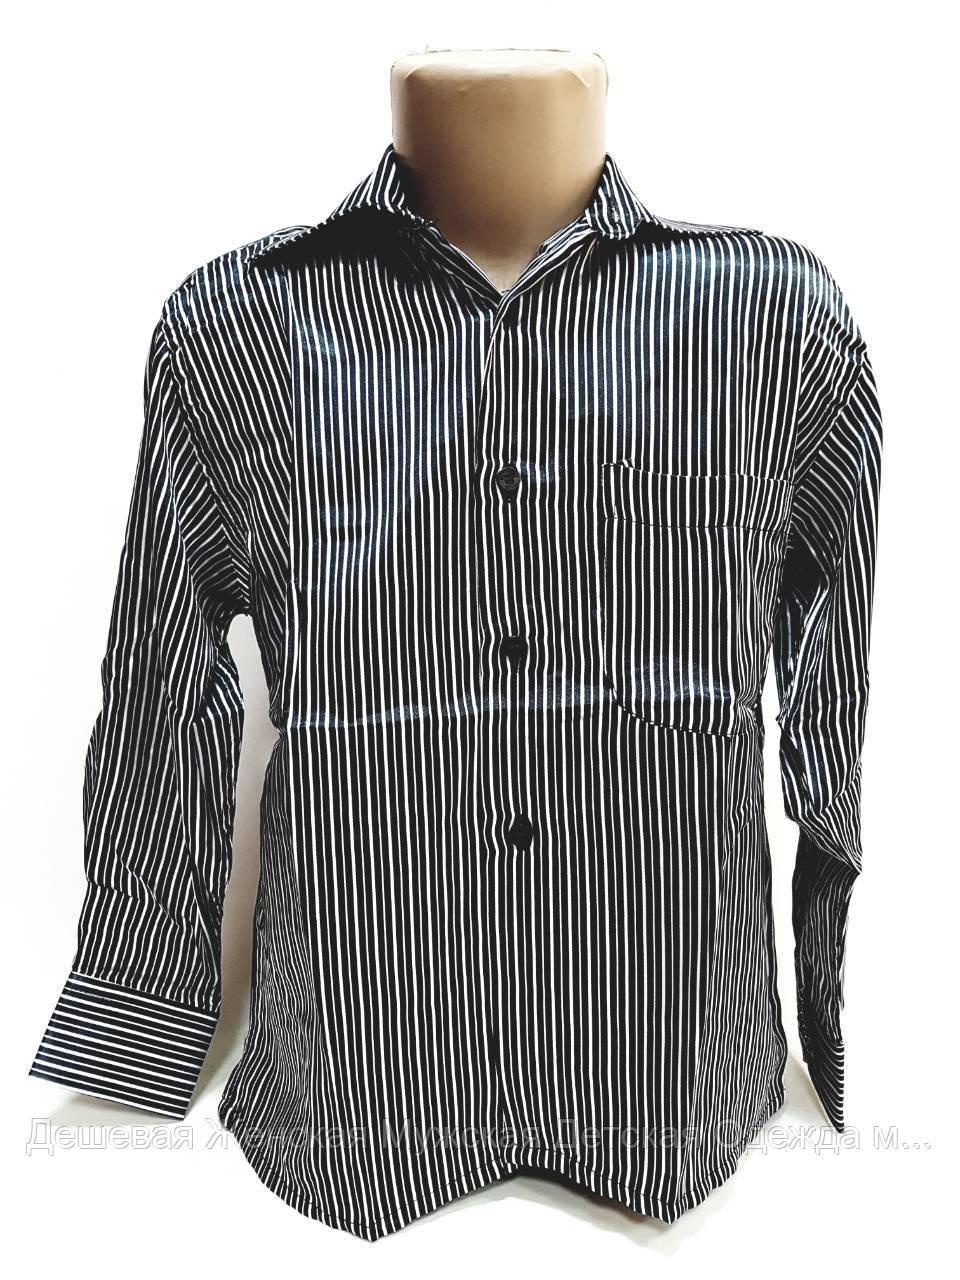 Рубашка подростковая. 10 штук в ростовке. Размеры 28-37